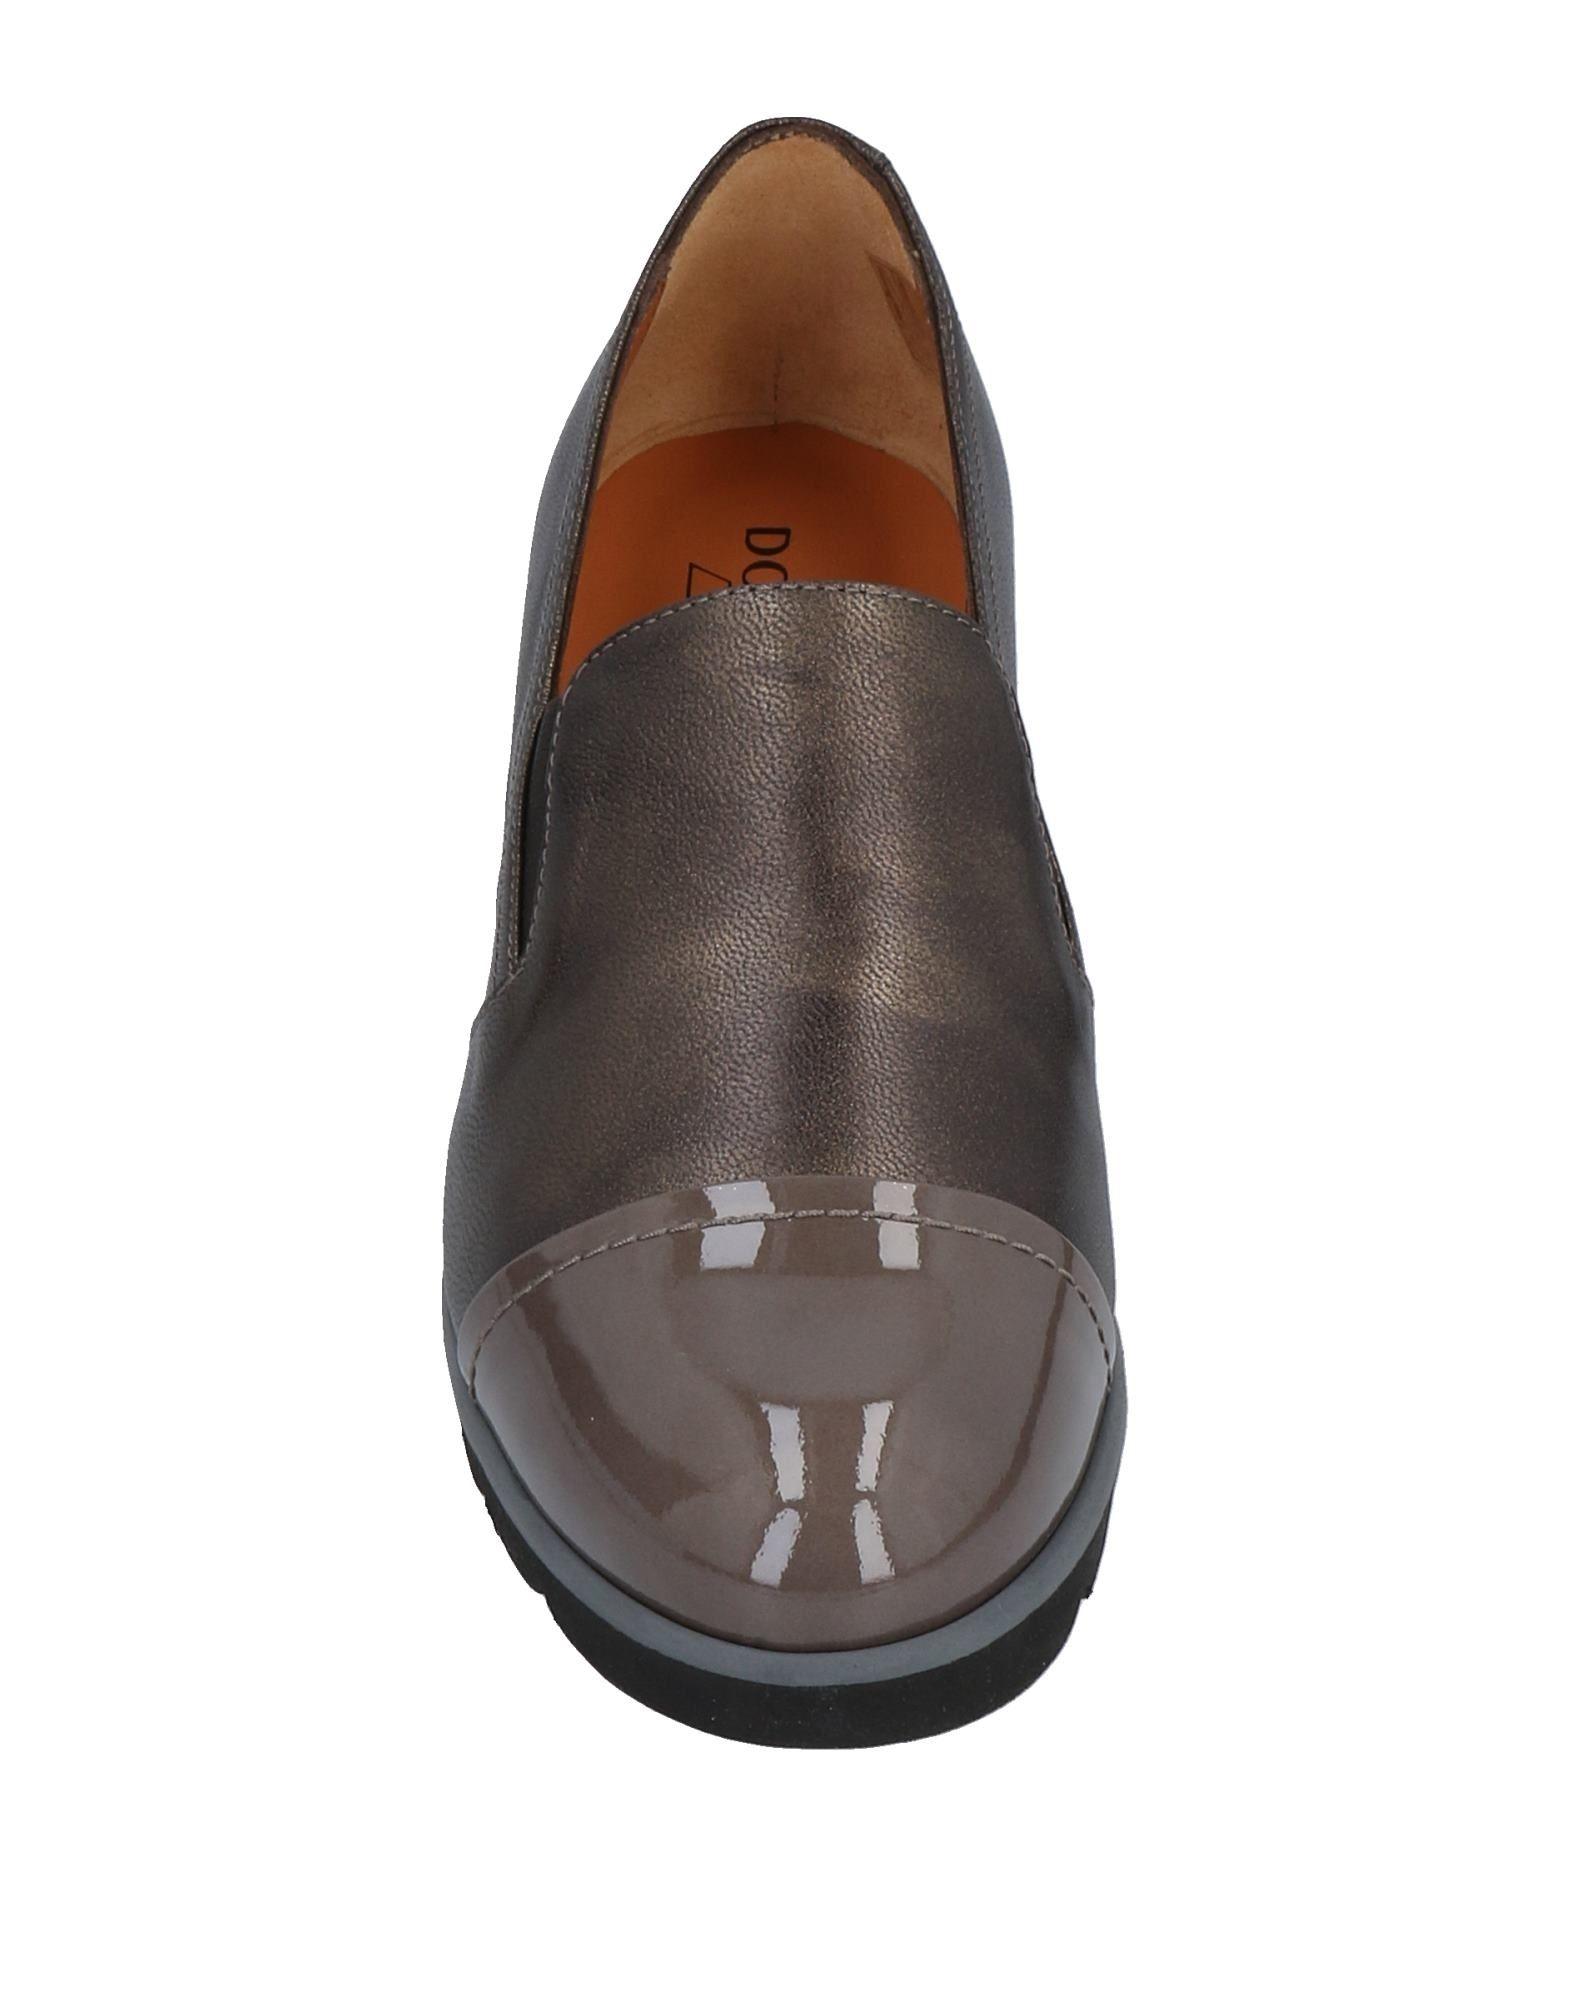 Donna Soft Gute Mokassins Damen  11486953LG Gute Soft Qualität beliebte Schuhe e379fd